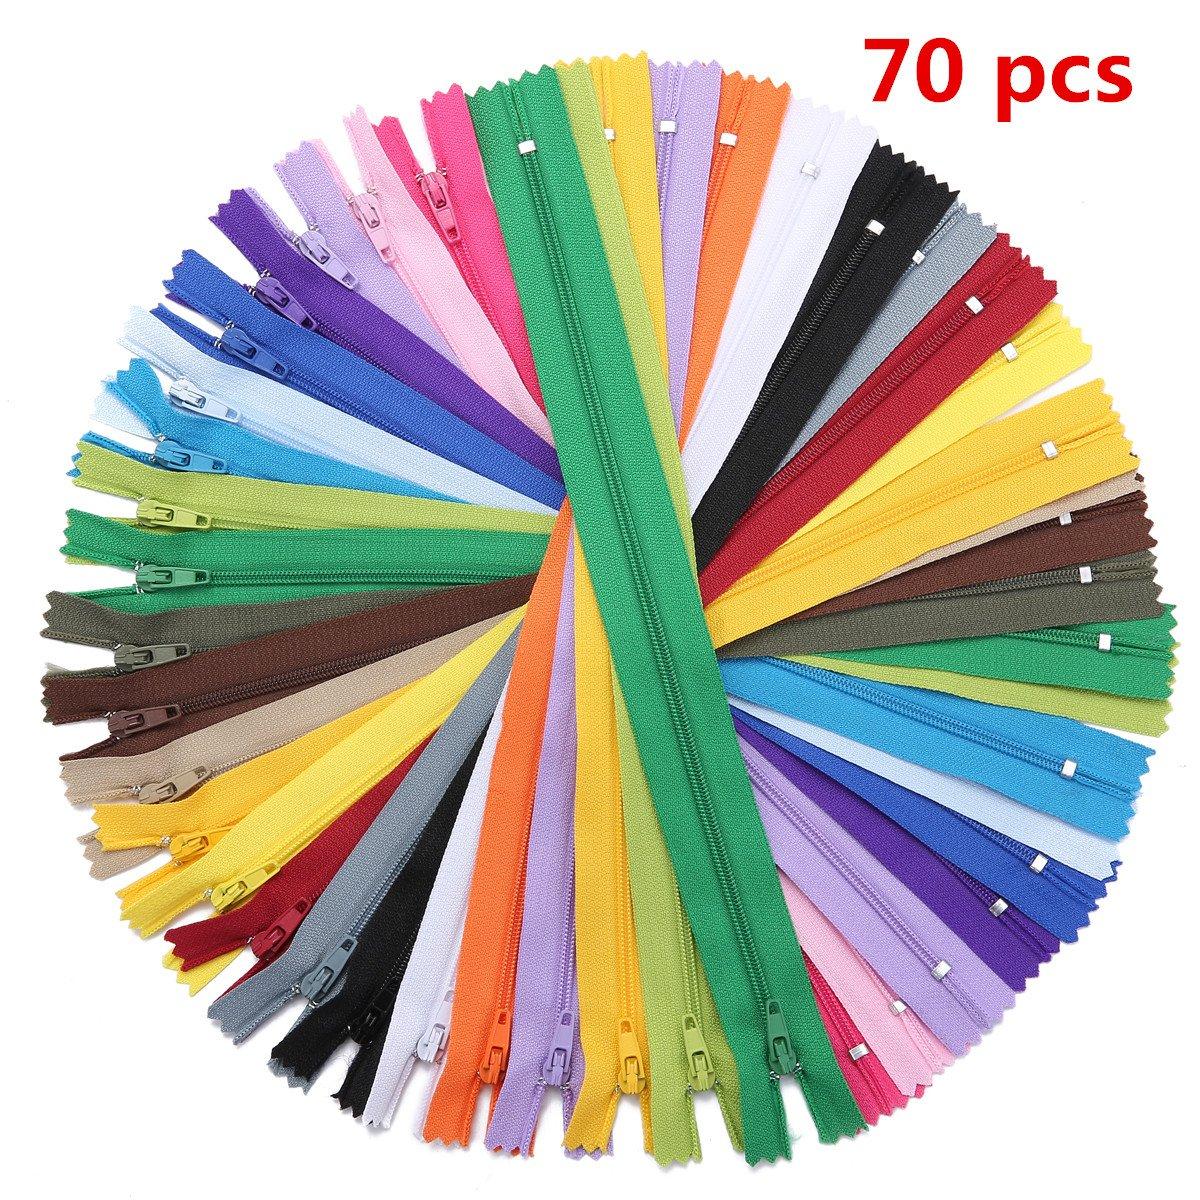 KING DO WAY 70 Pz di Cerniere Lampo 30CM, Set di Chiusura Lampo Colorata in 20 Colori Diversi, Sistema di Zipper per Tessuto/Vestito/Zaino/DIY, in Materiale di Tessuto in Nylon